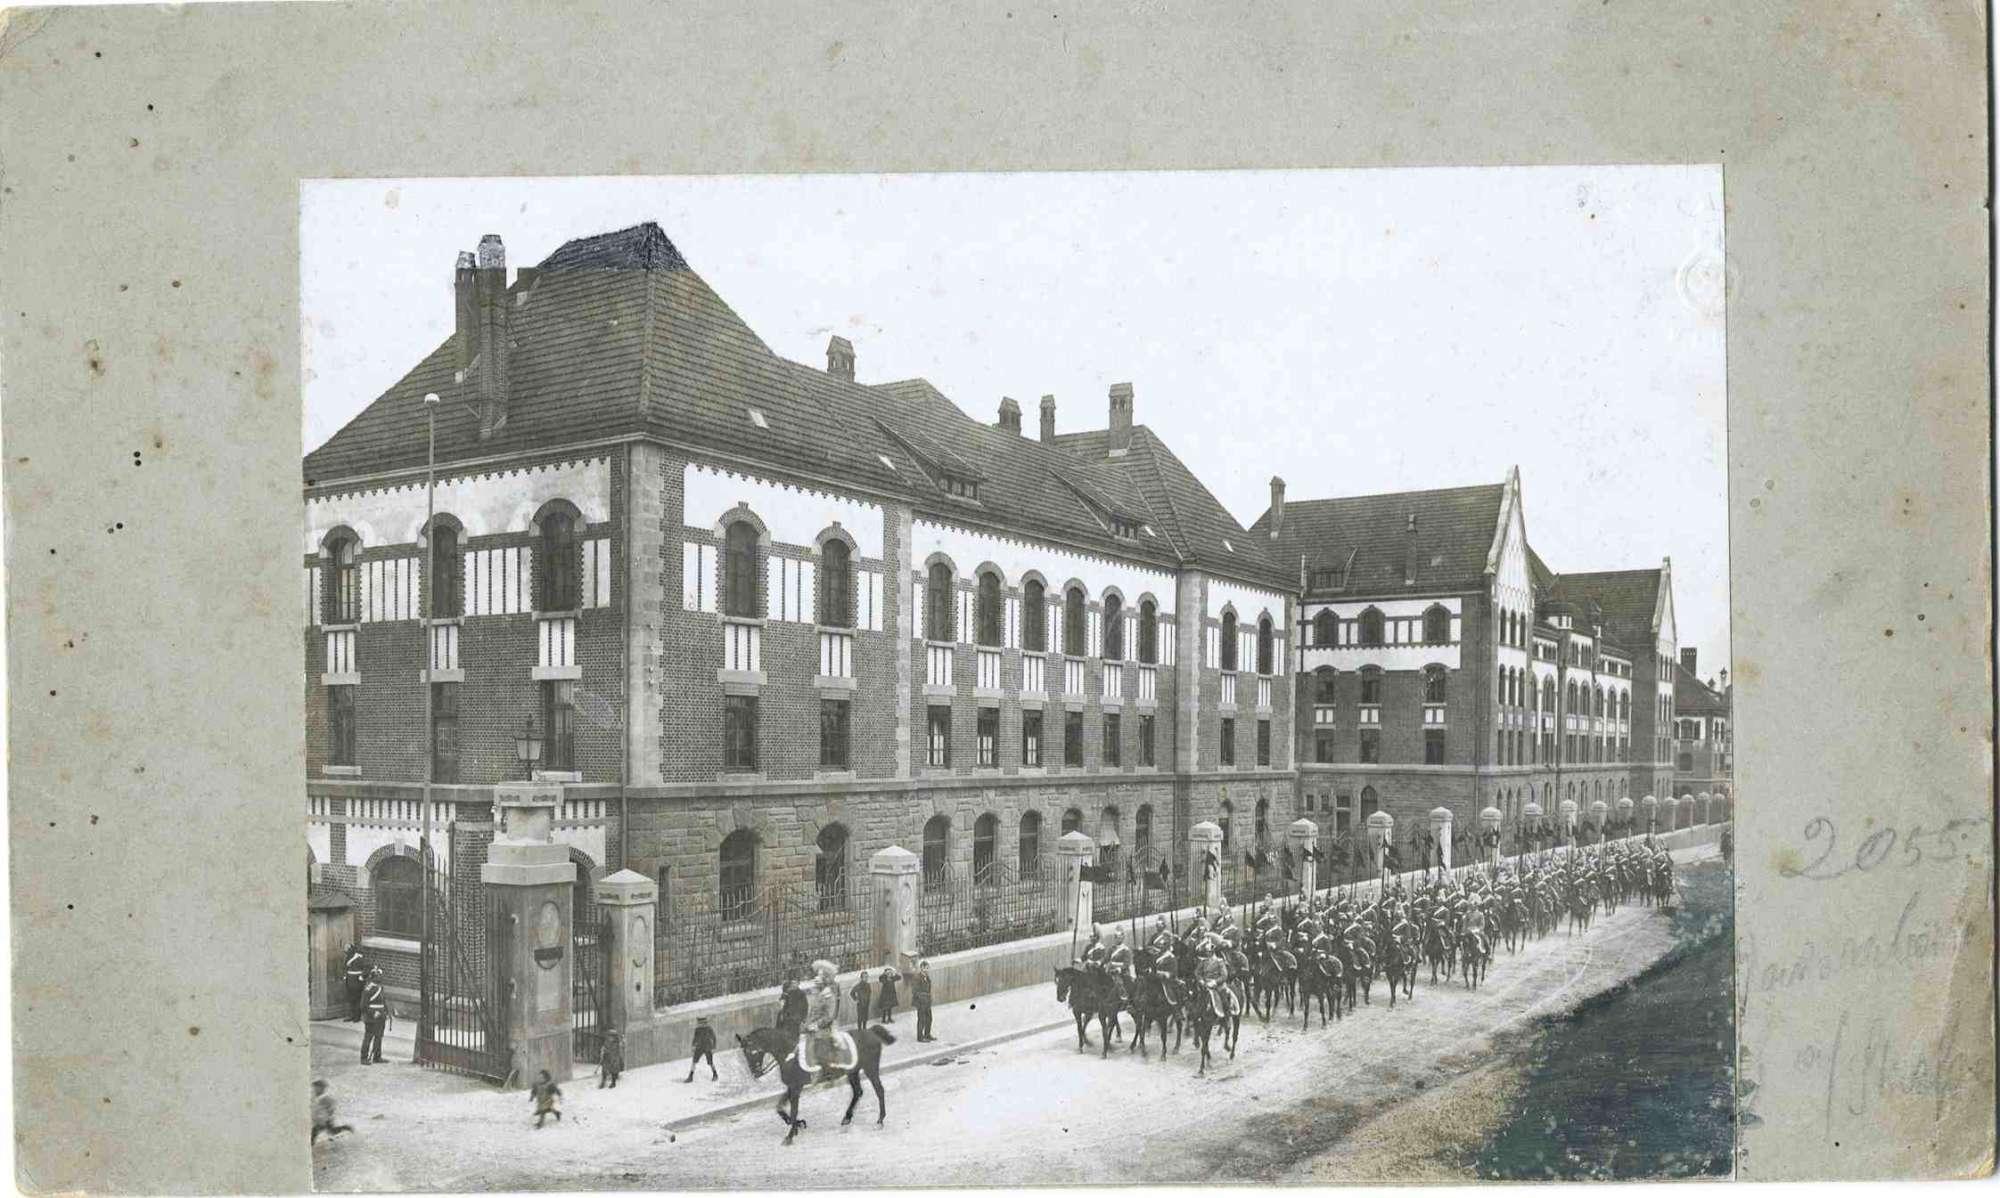 Königsparade im Mai 1911, 2. Eskadron bei der Rückkehr von der Parade vor der Königin Olga Kaserne, Garnison Ludwigsburg, mit Fahnen in Reih und Glied reitend, 1r